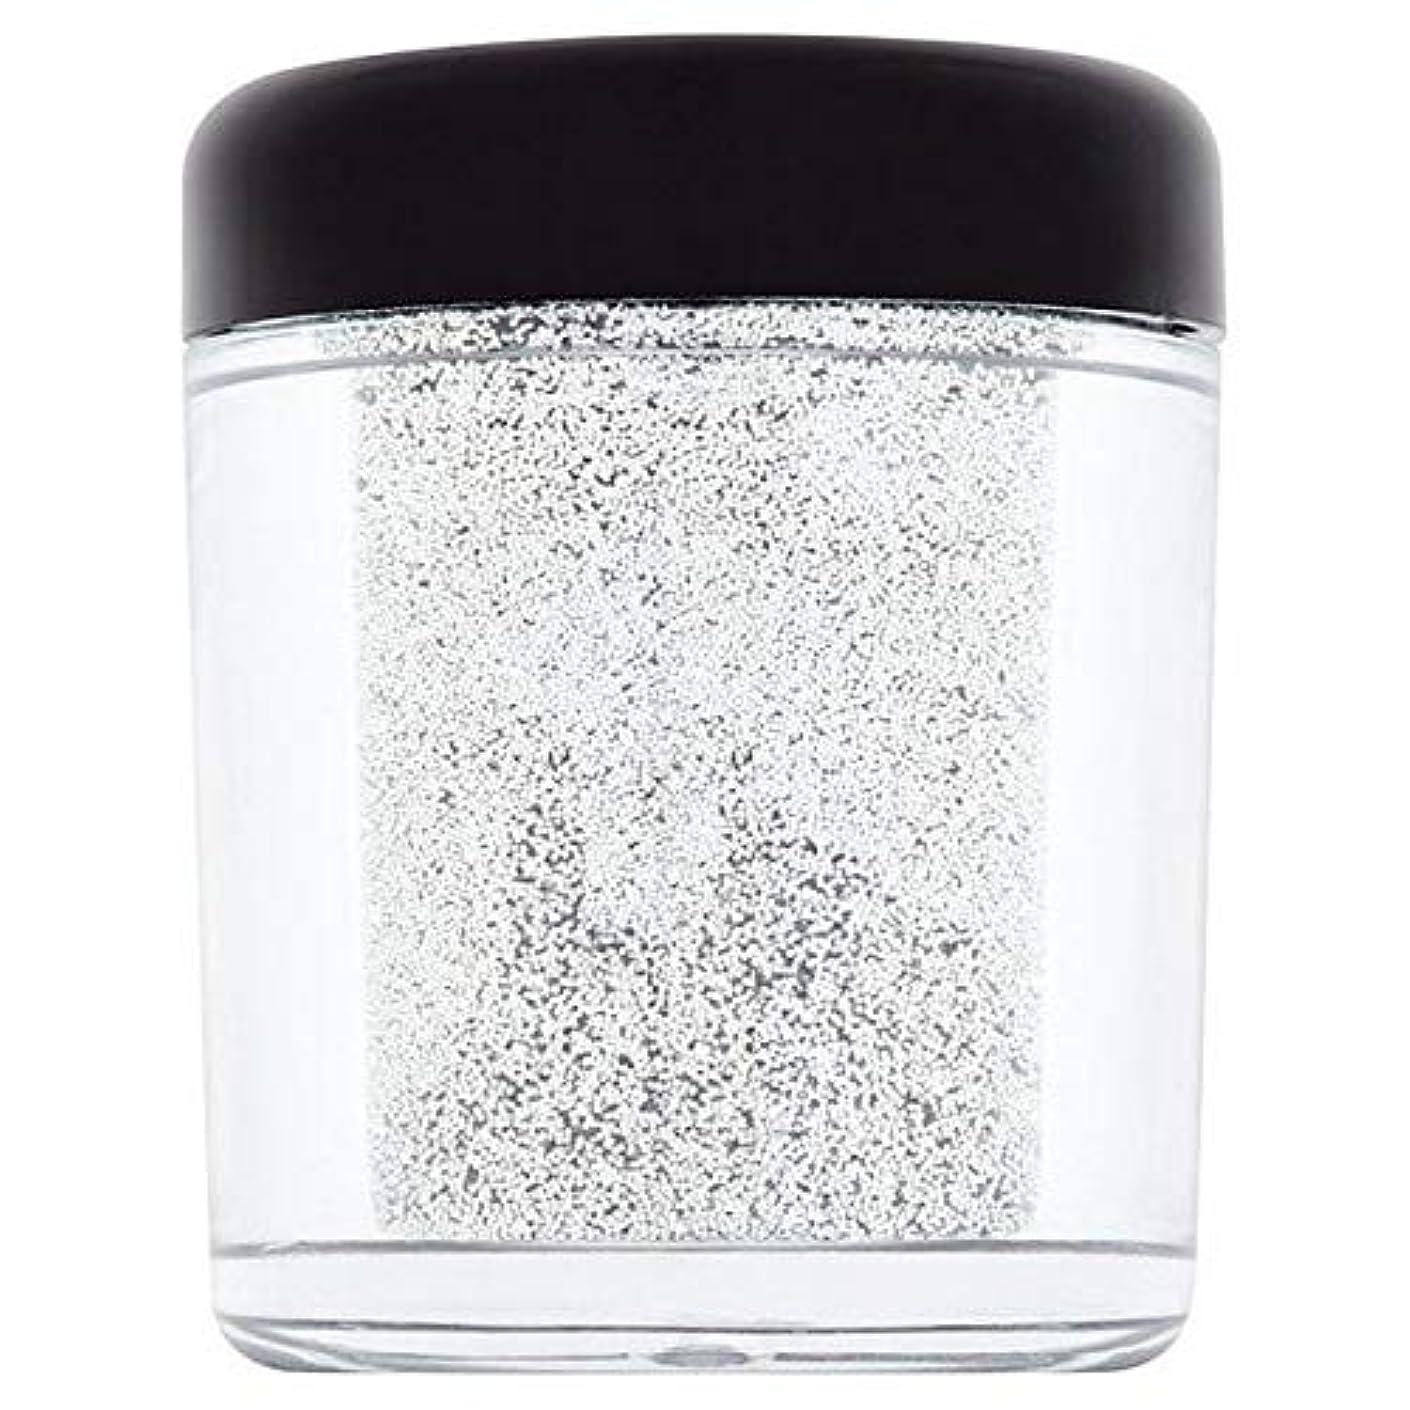 なぜなら三角形いわゆる[Collection ] 天使2を回収グラムの結晶は、フェイス&ボディの輝きが落ち - Collection Glam Crystals Face & Body Glitter Fallen Angel 2 [並行輸入品]